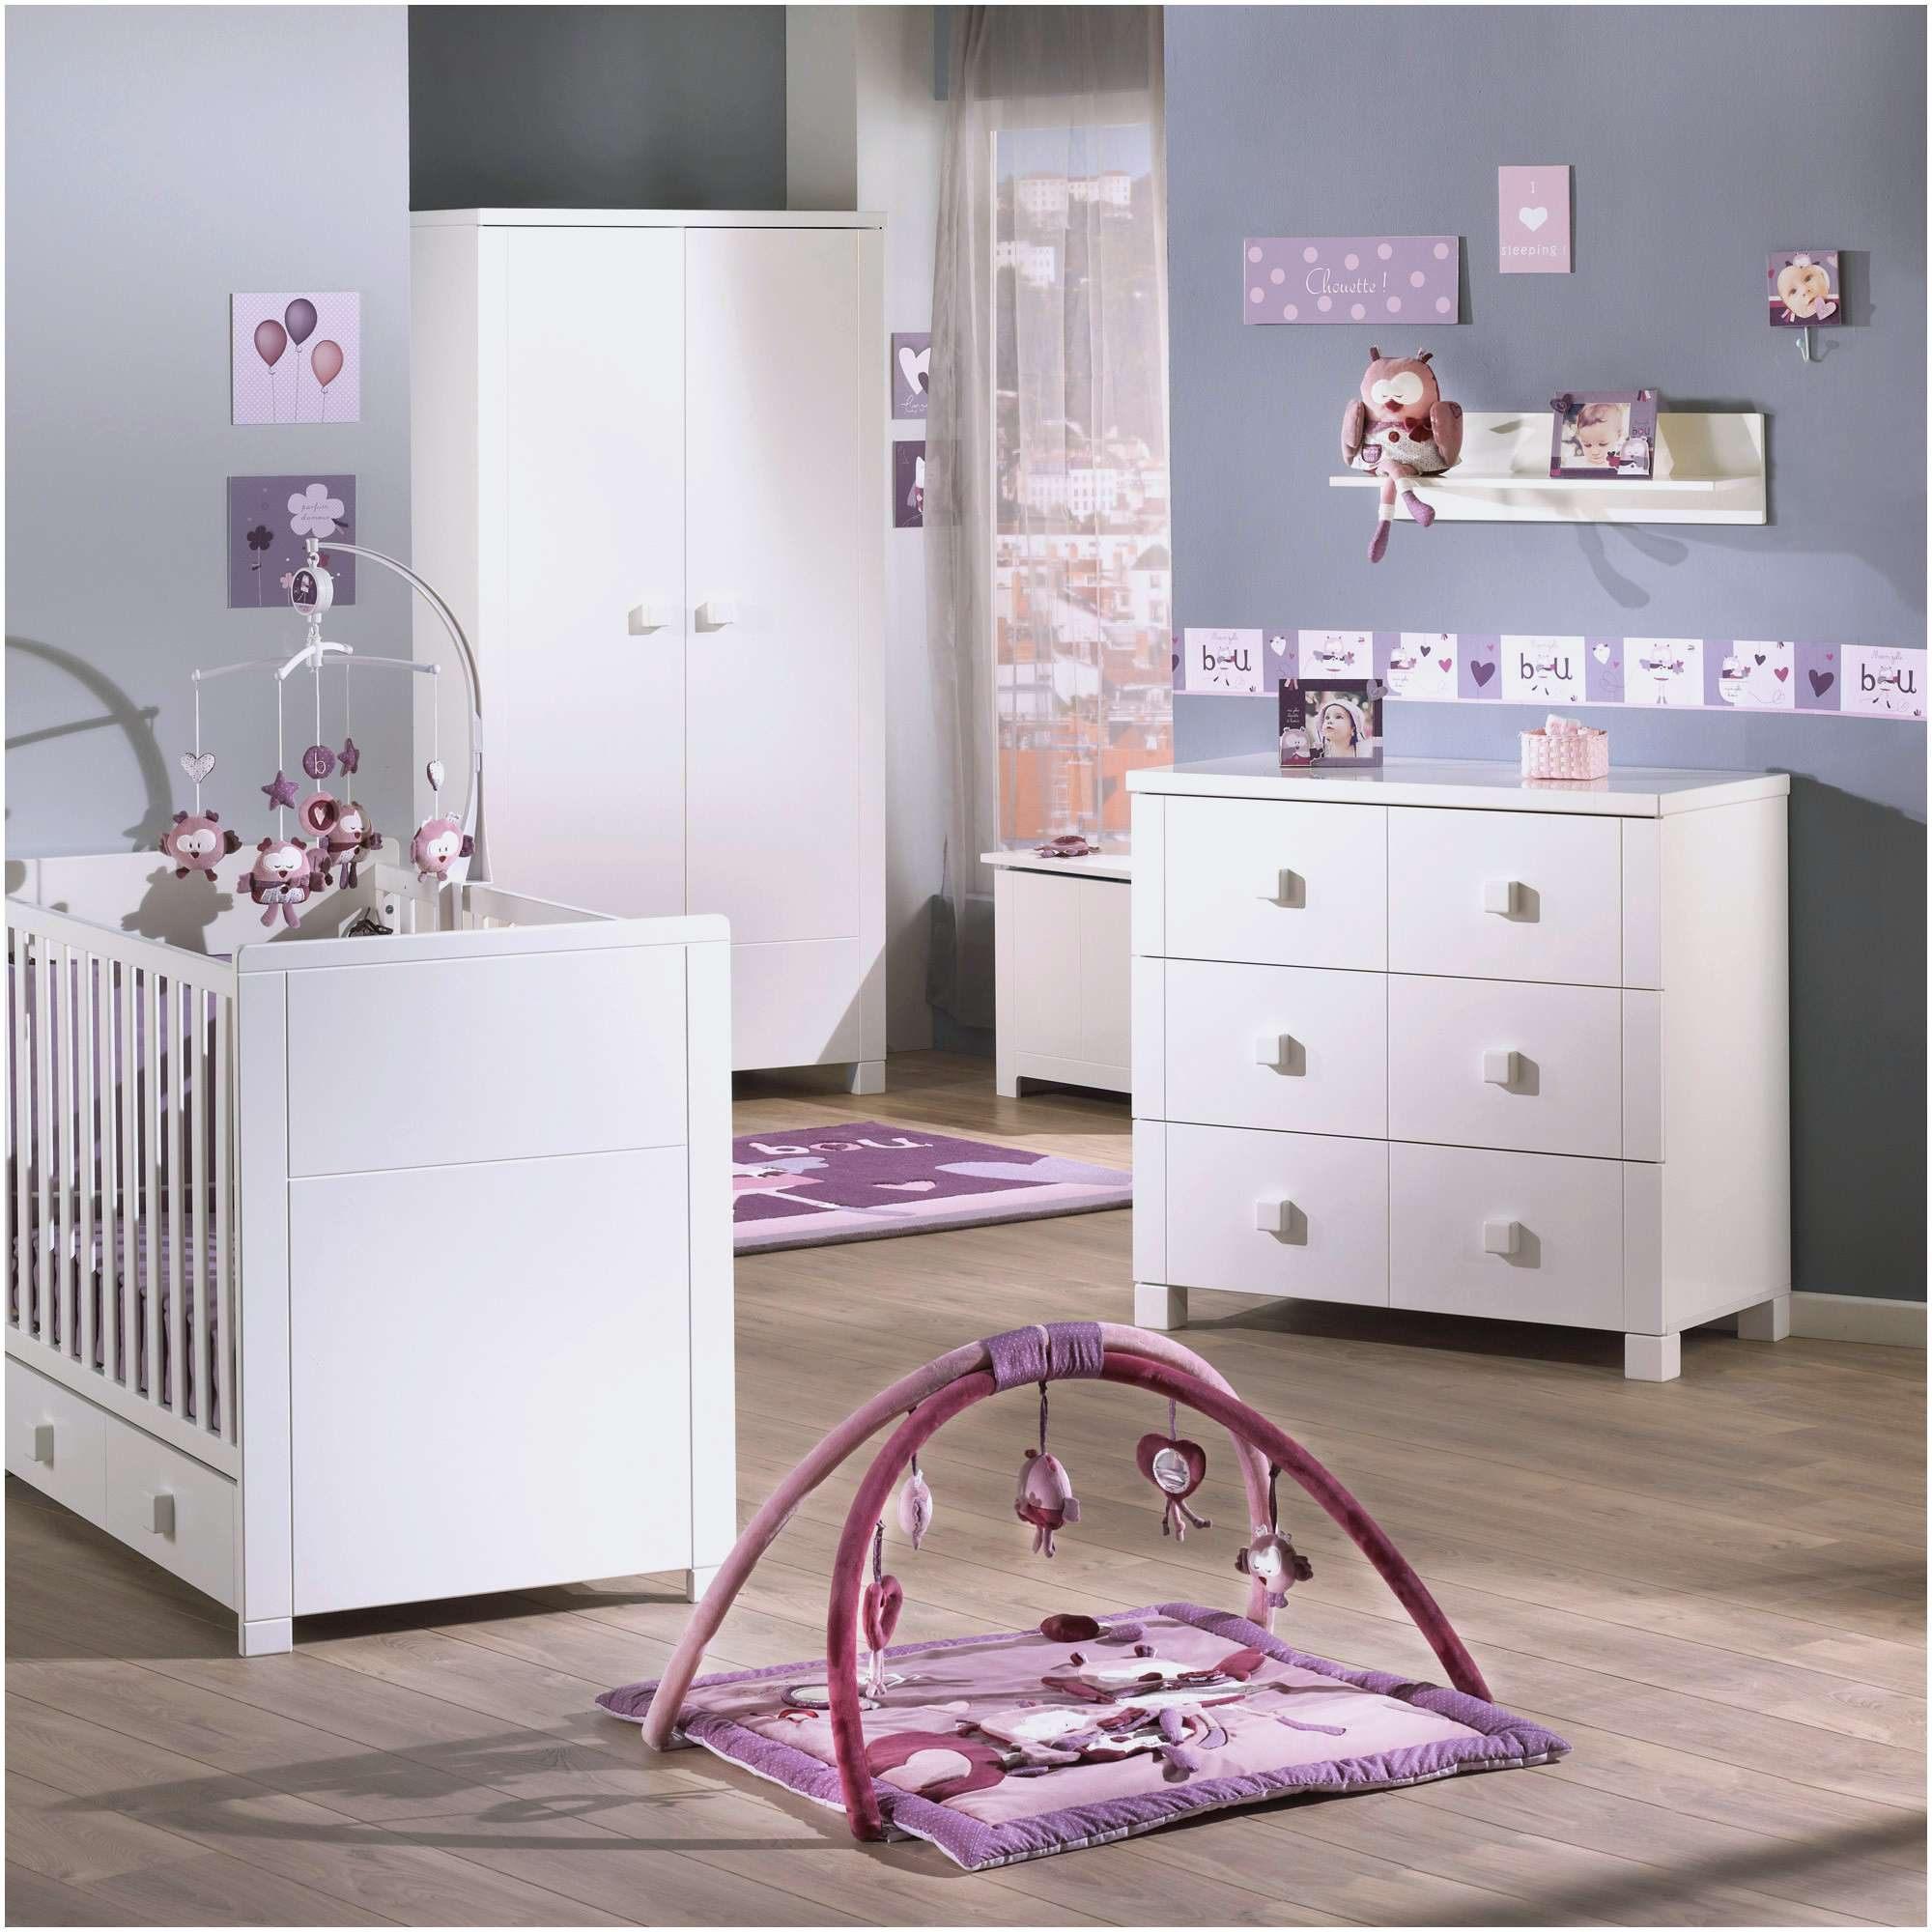 Lit Superposé Enfant Pas Cher Impressionnant Le Meilleur De Lit Mezzanine Enfant Ikea Maison Design Apsip Pour